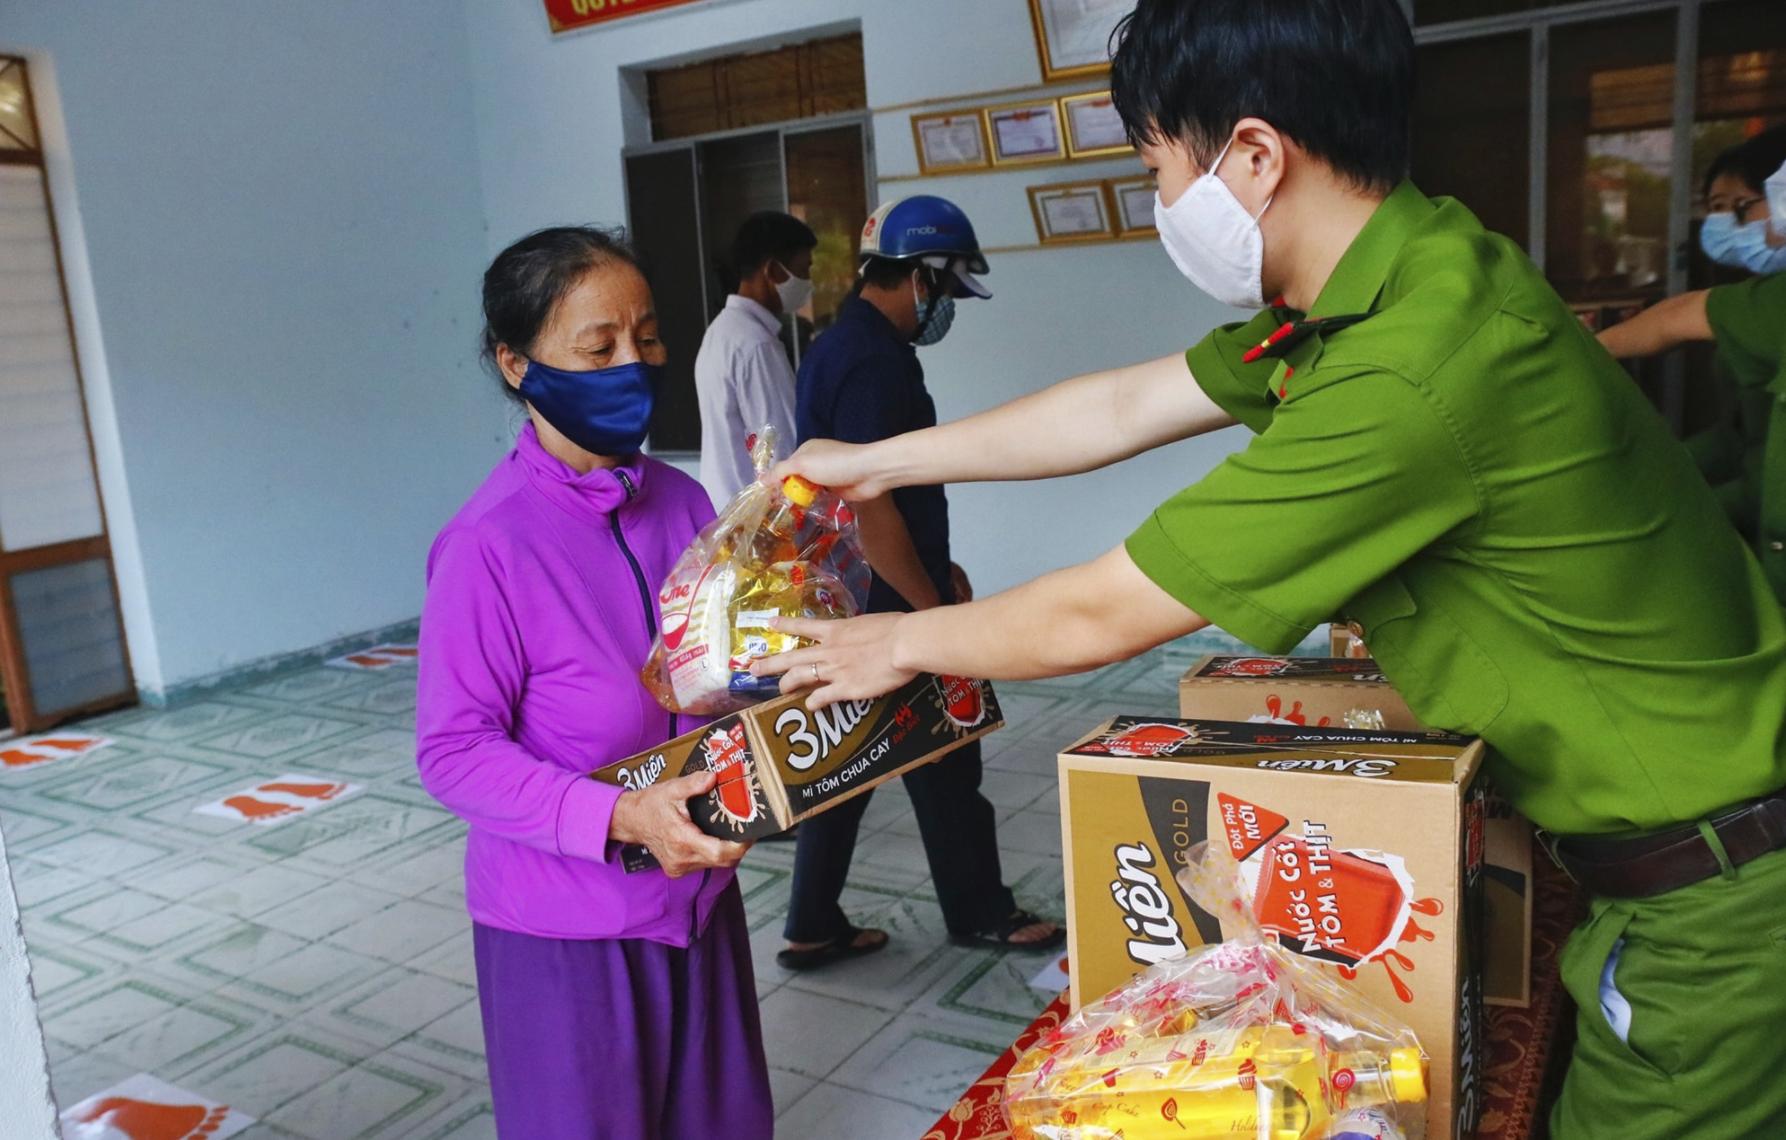 TP Đà Nẵng đang chi tiền hỗ trợ cho người dân ảnh hưởng bởi dịch Covid-19 - Ảnh 1.